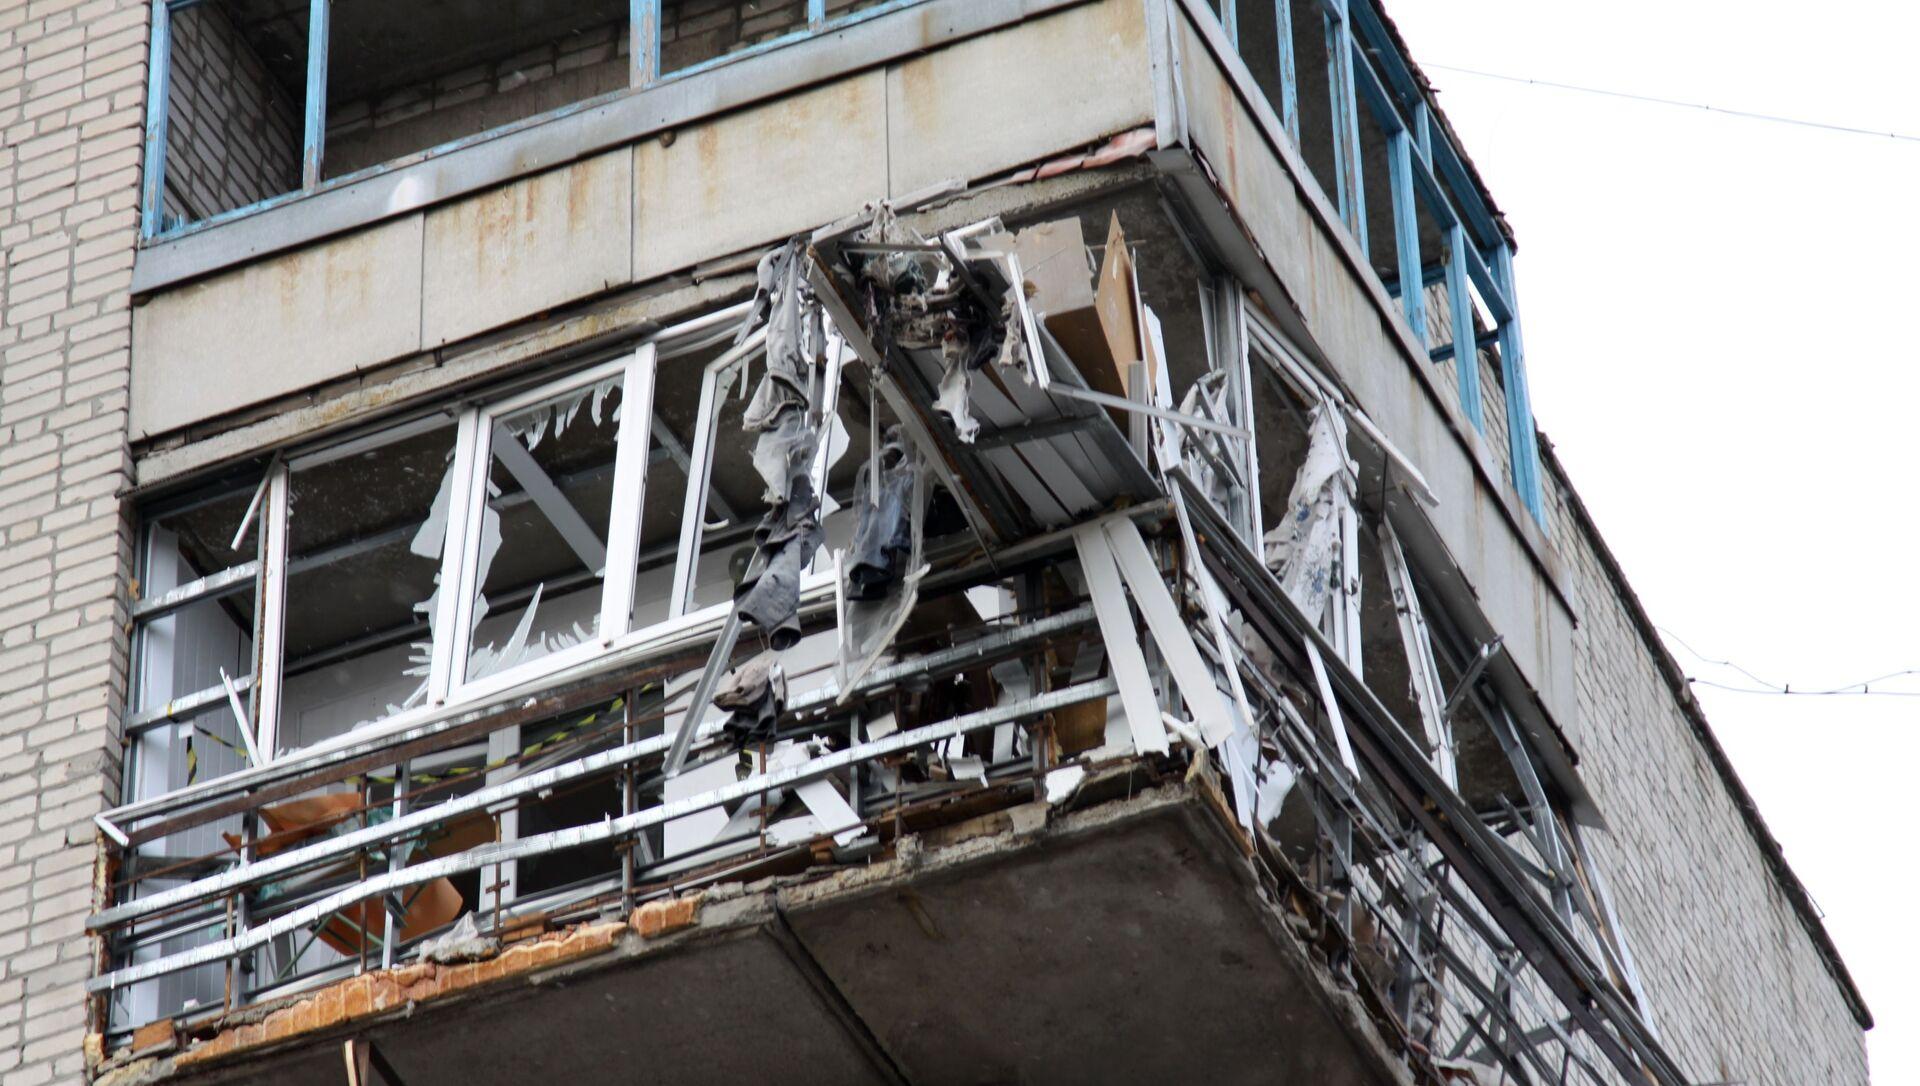 Жилой дом в центре города Ясиноватая в Донецкой области, пострадавший в результате обстрела - Sputnik Аҧсны, 1920, 25.05.2021